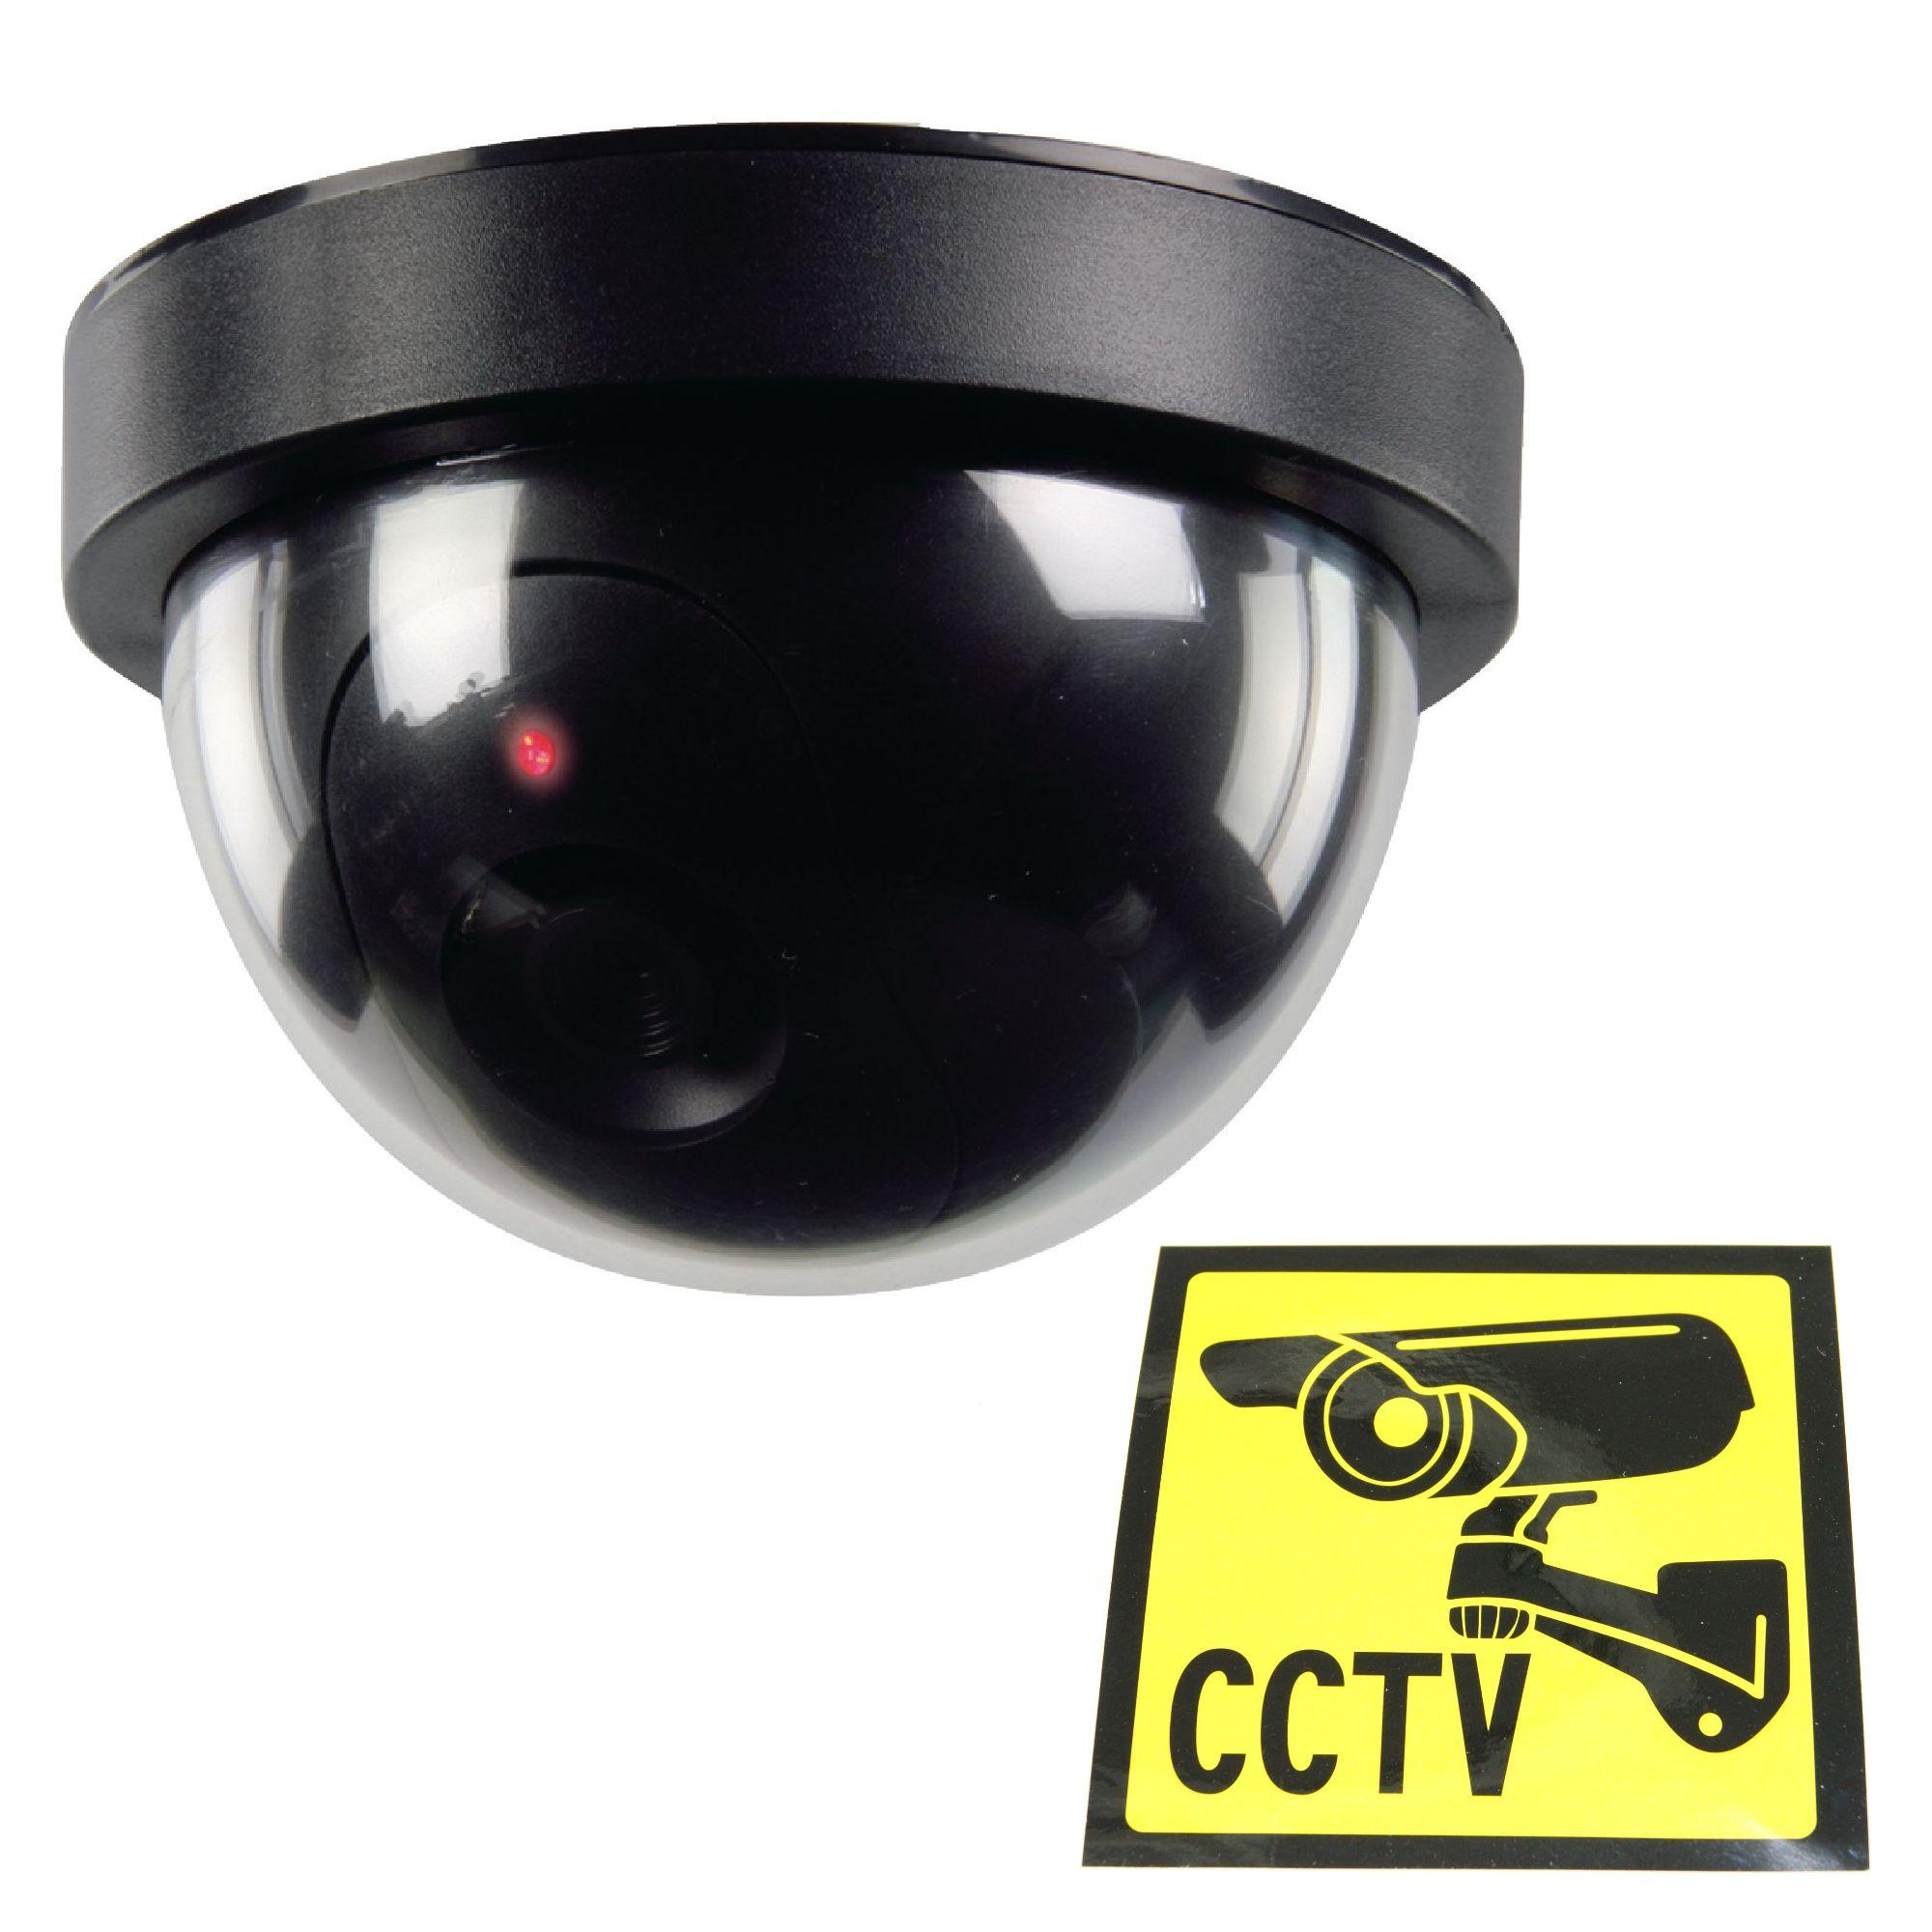 2 unités Dummy CCTV caméra de sécurité Moniteur Avec Clignotant DEL Rouge Scare voleur